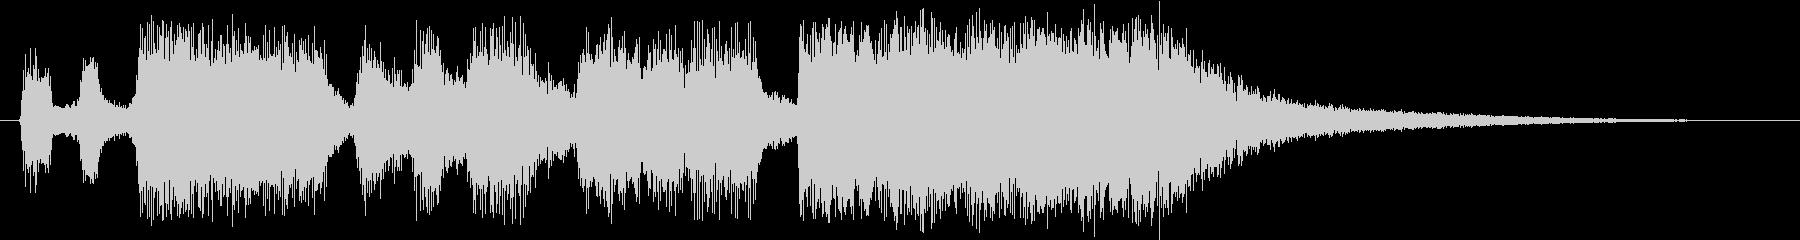 オーケストラサウンドのファンファーレの未再生の波形